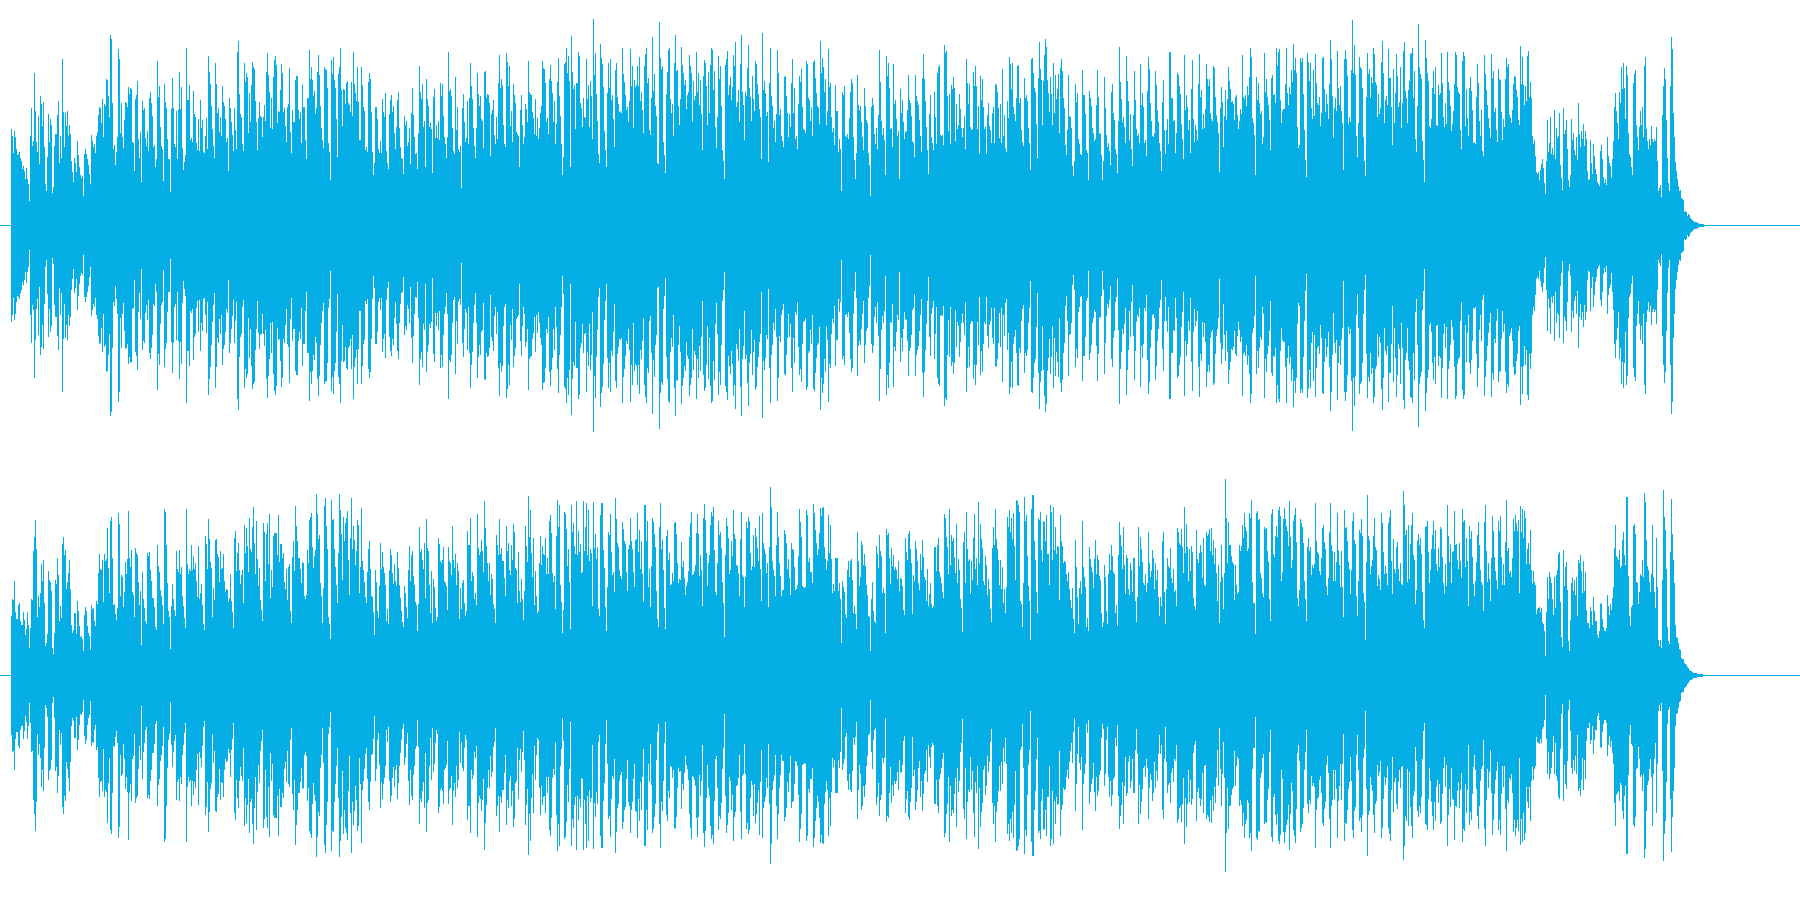 スイング黄金時代風ビッグ・バンド・ジャズの再生済みの波形